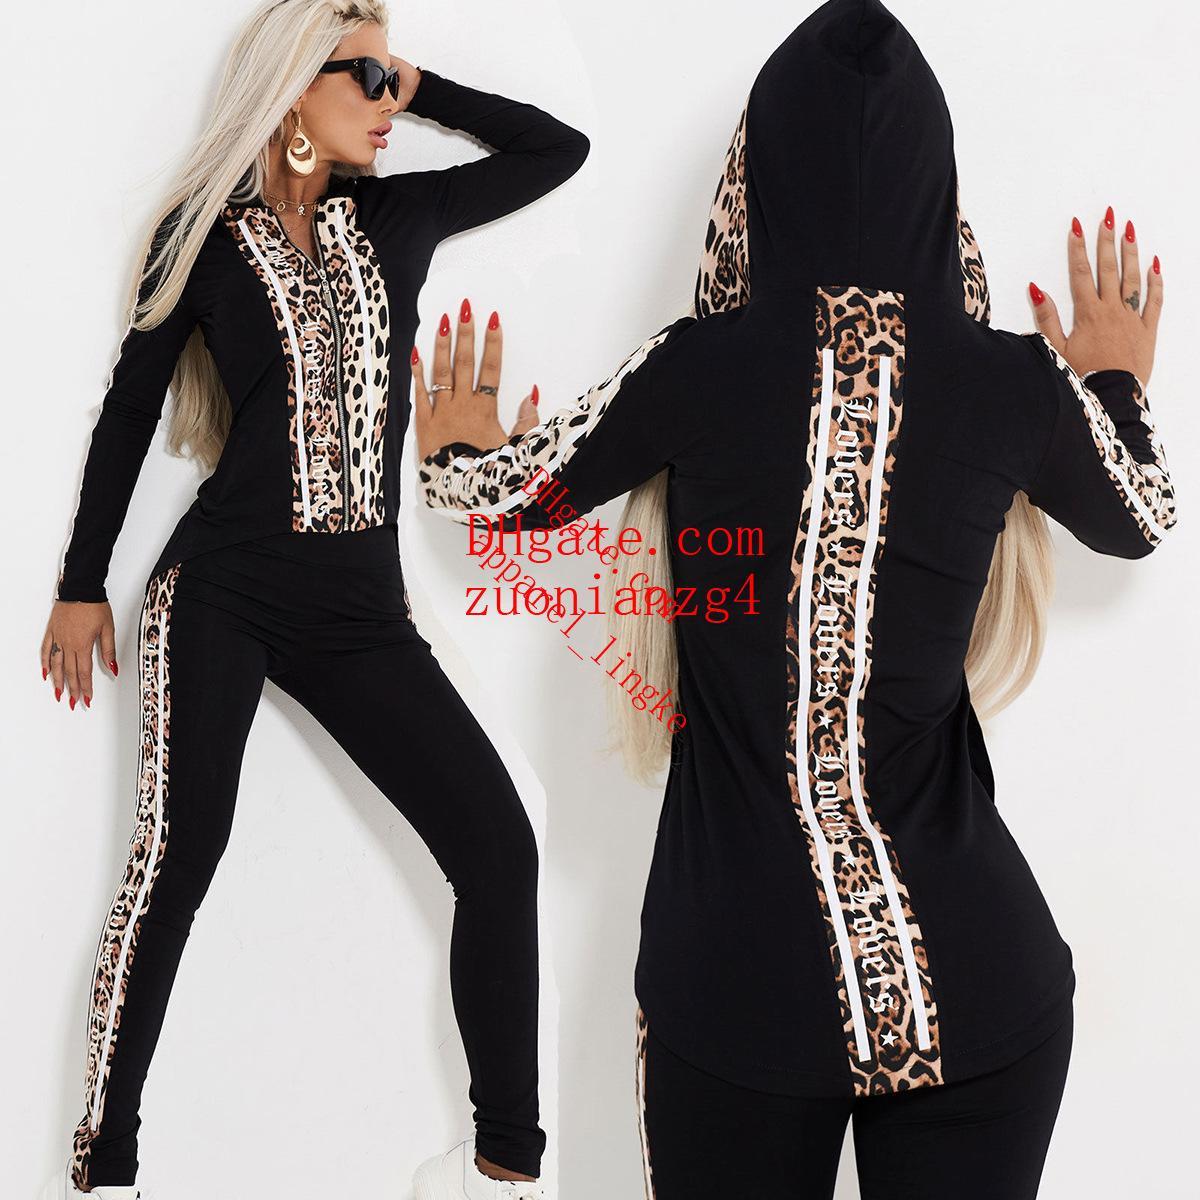 87d89913fa2b 2019 Season Women's Clothes Sexy Leopard Print Zipper Even Cap Leisure Time  Suit